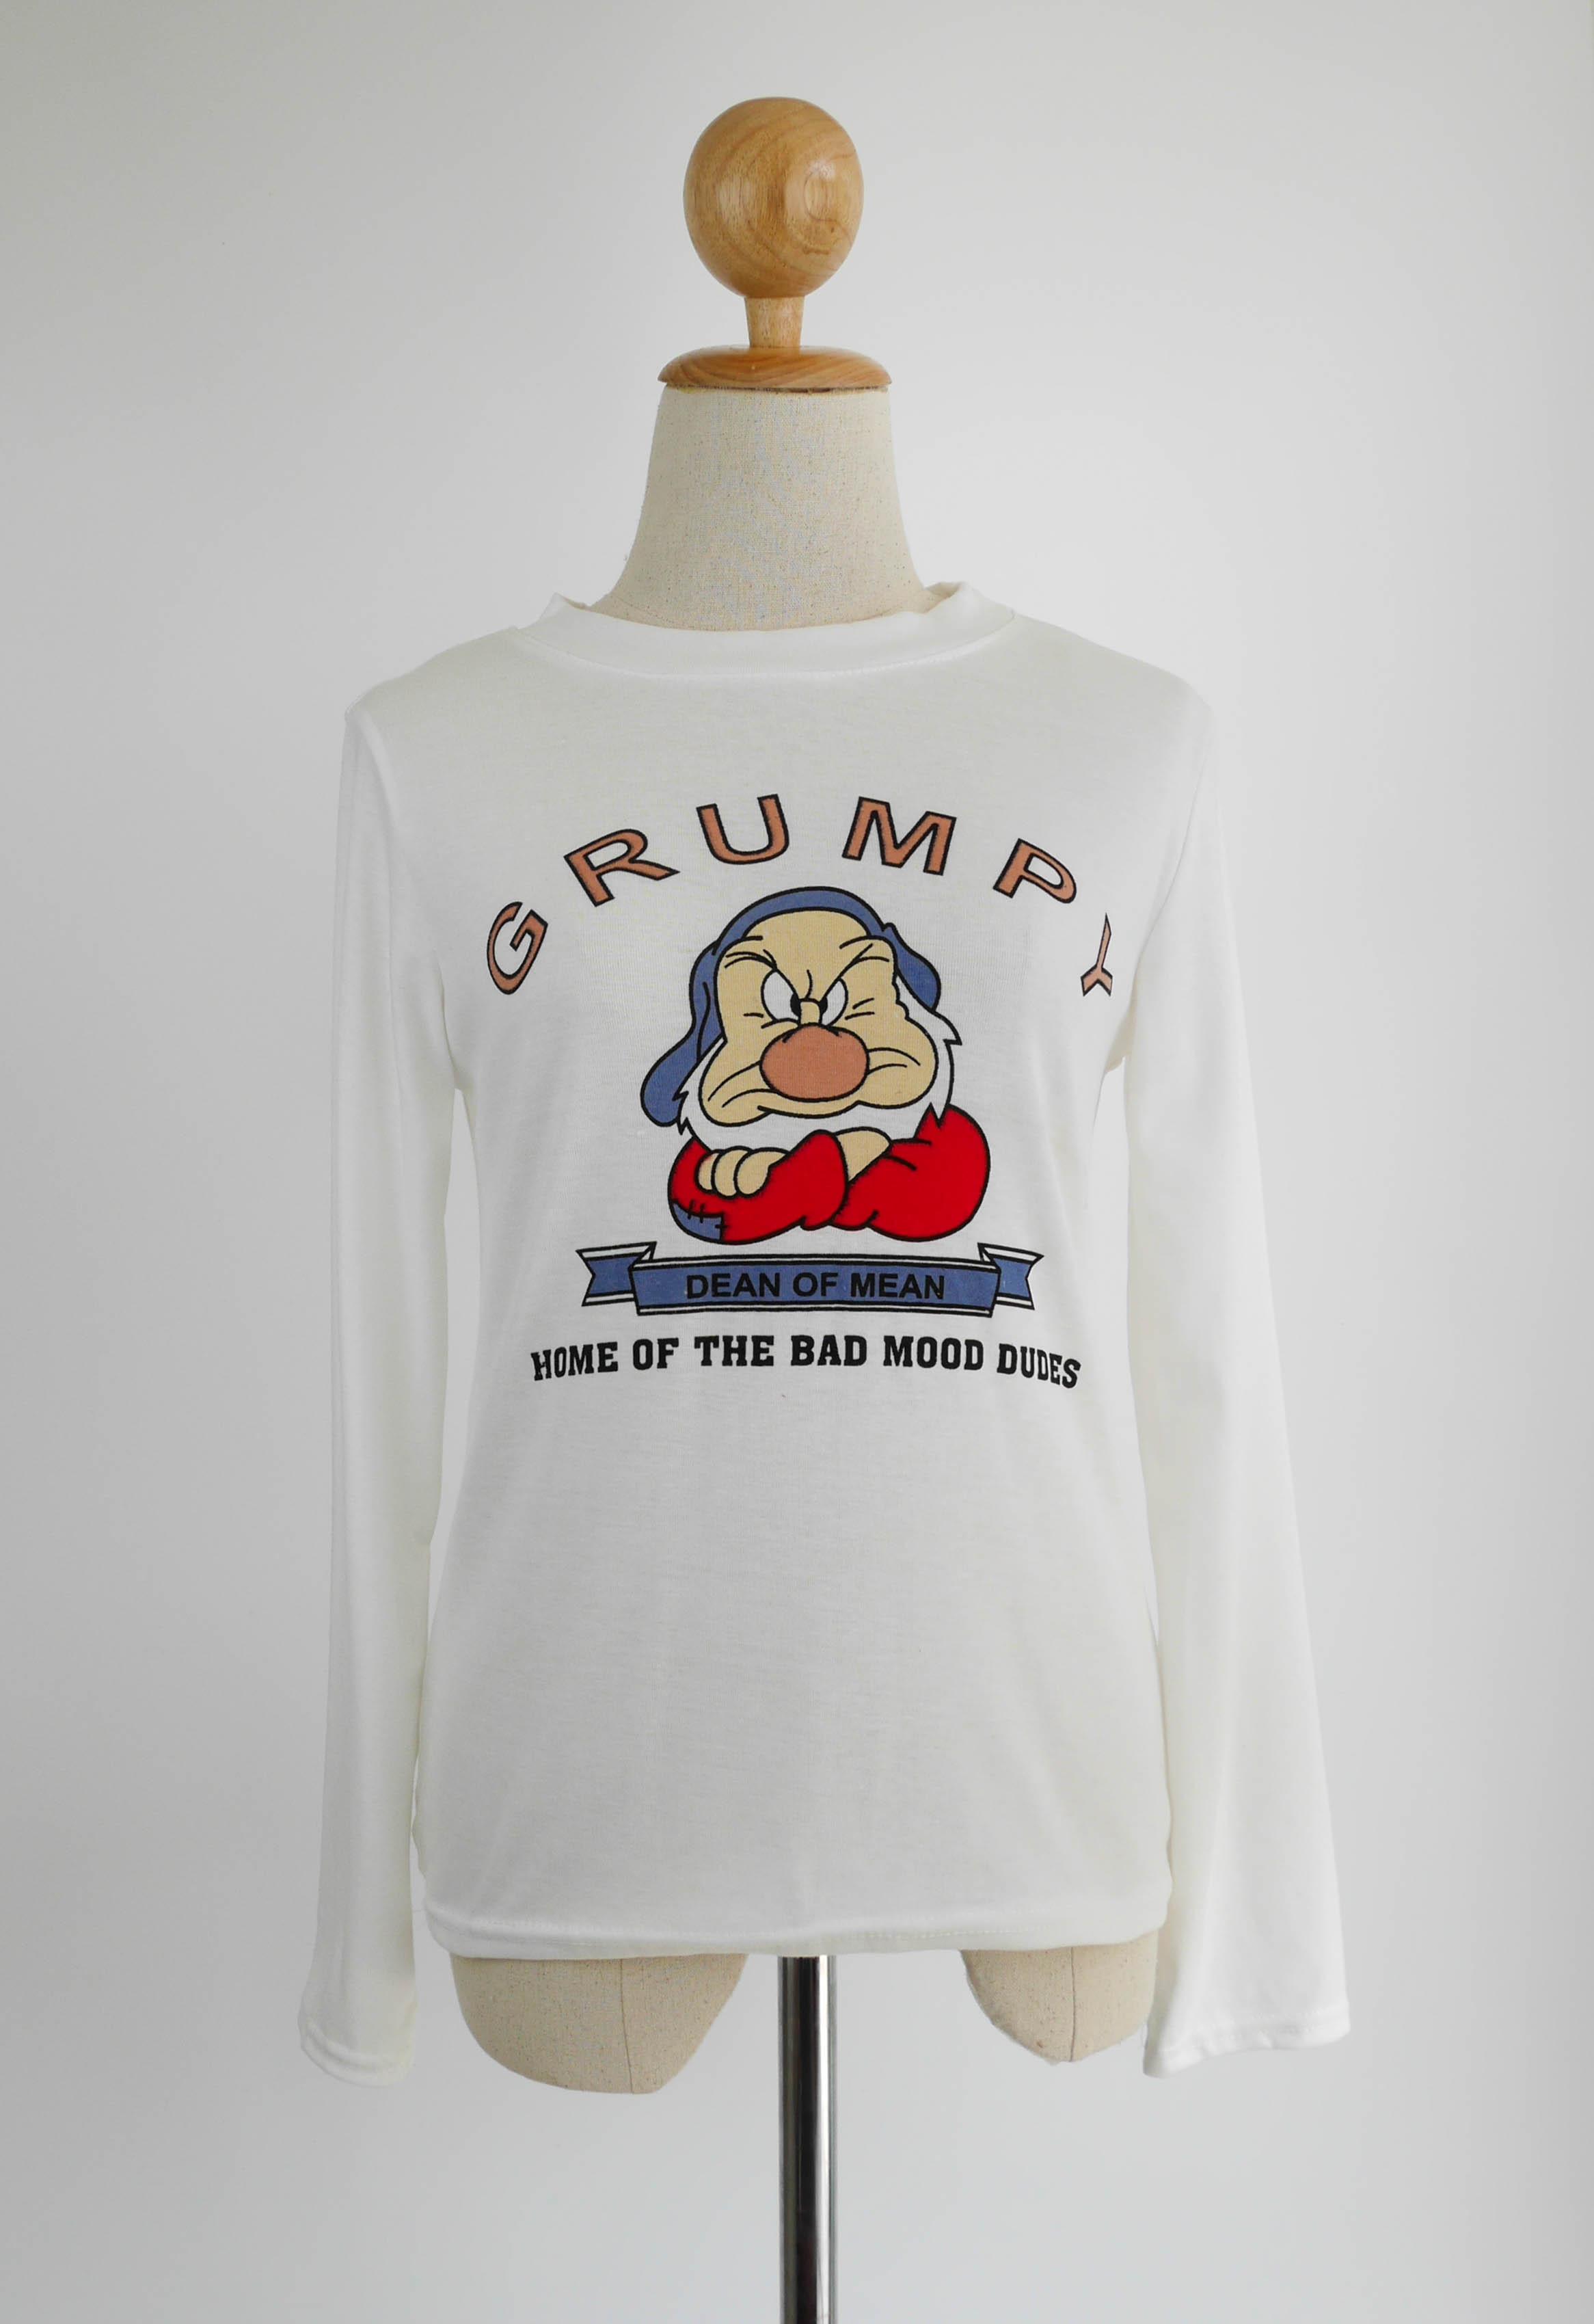 เสื้อยืดแฟชั่น แขนยาว ลาย GRUMPY สีขาว